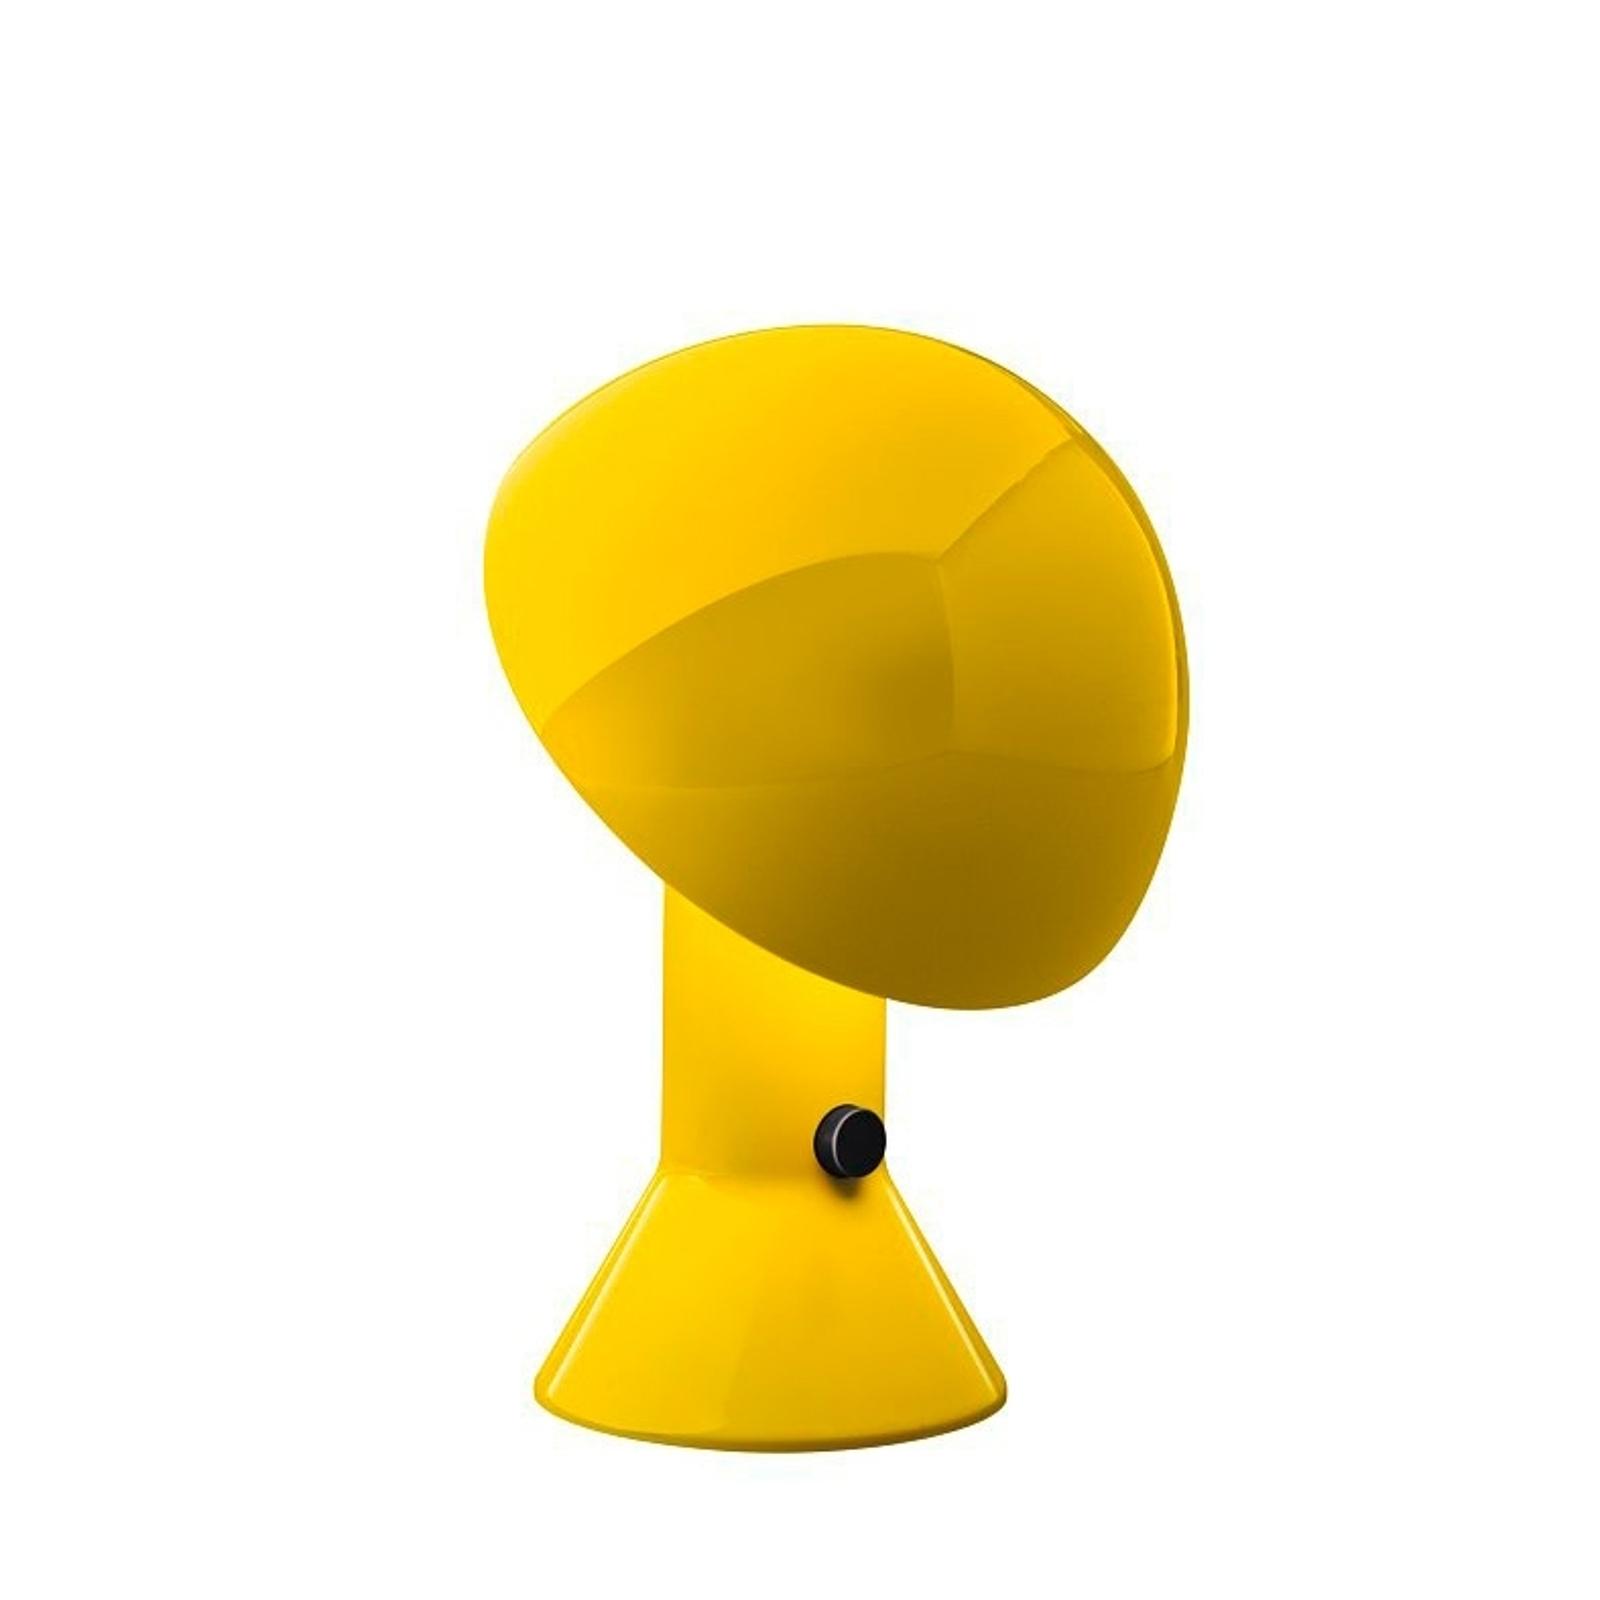 Lampe à poser design ELMETTO jaune